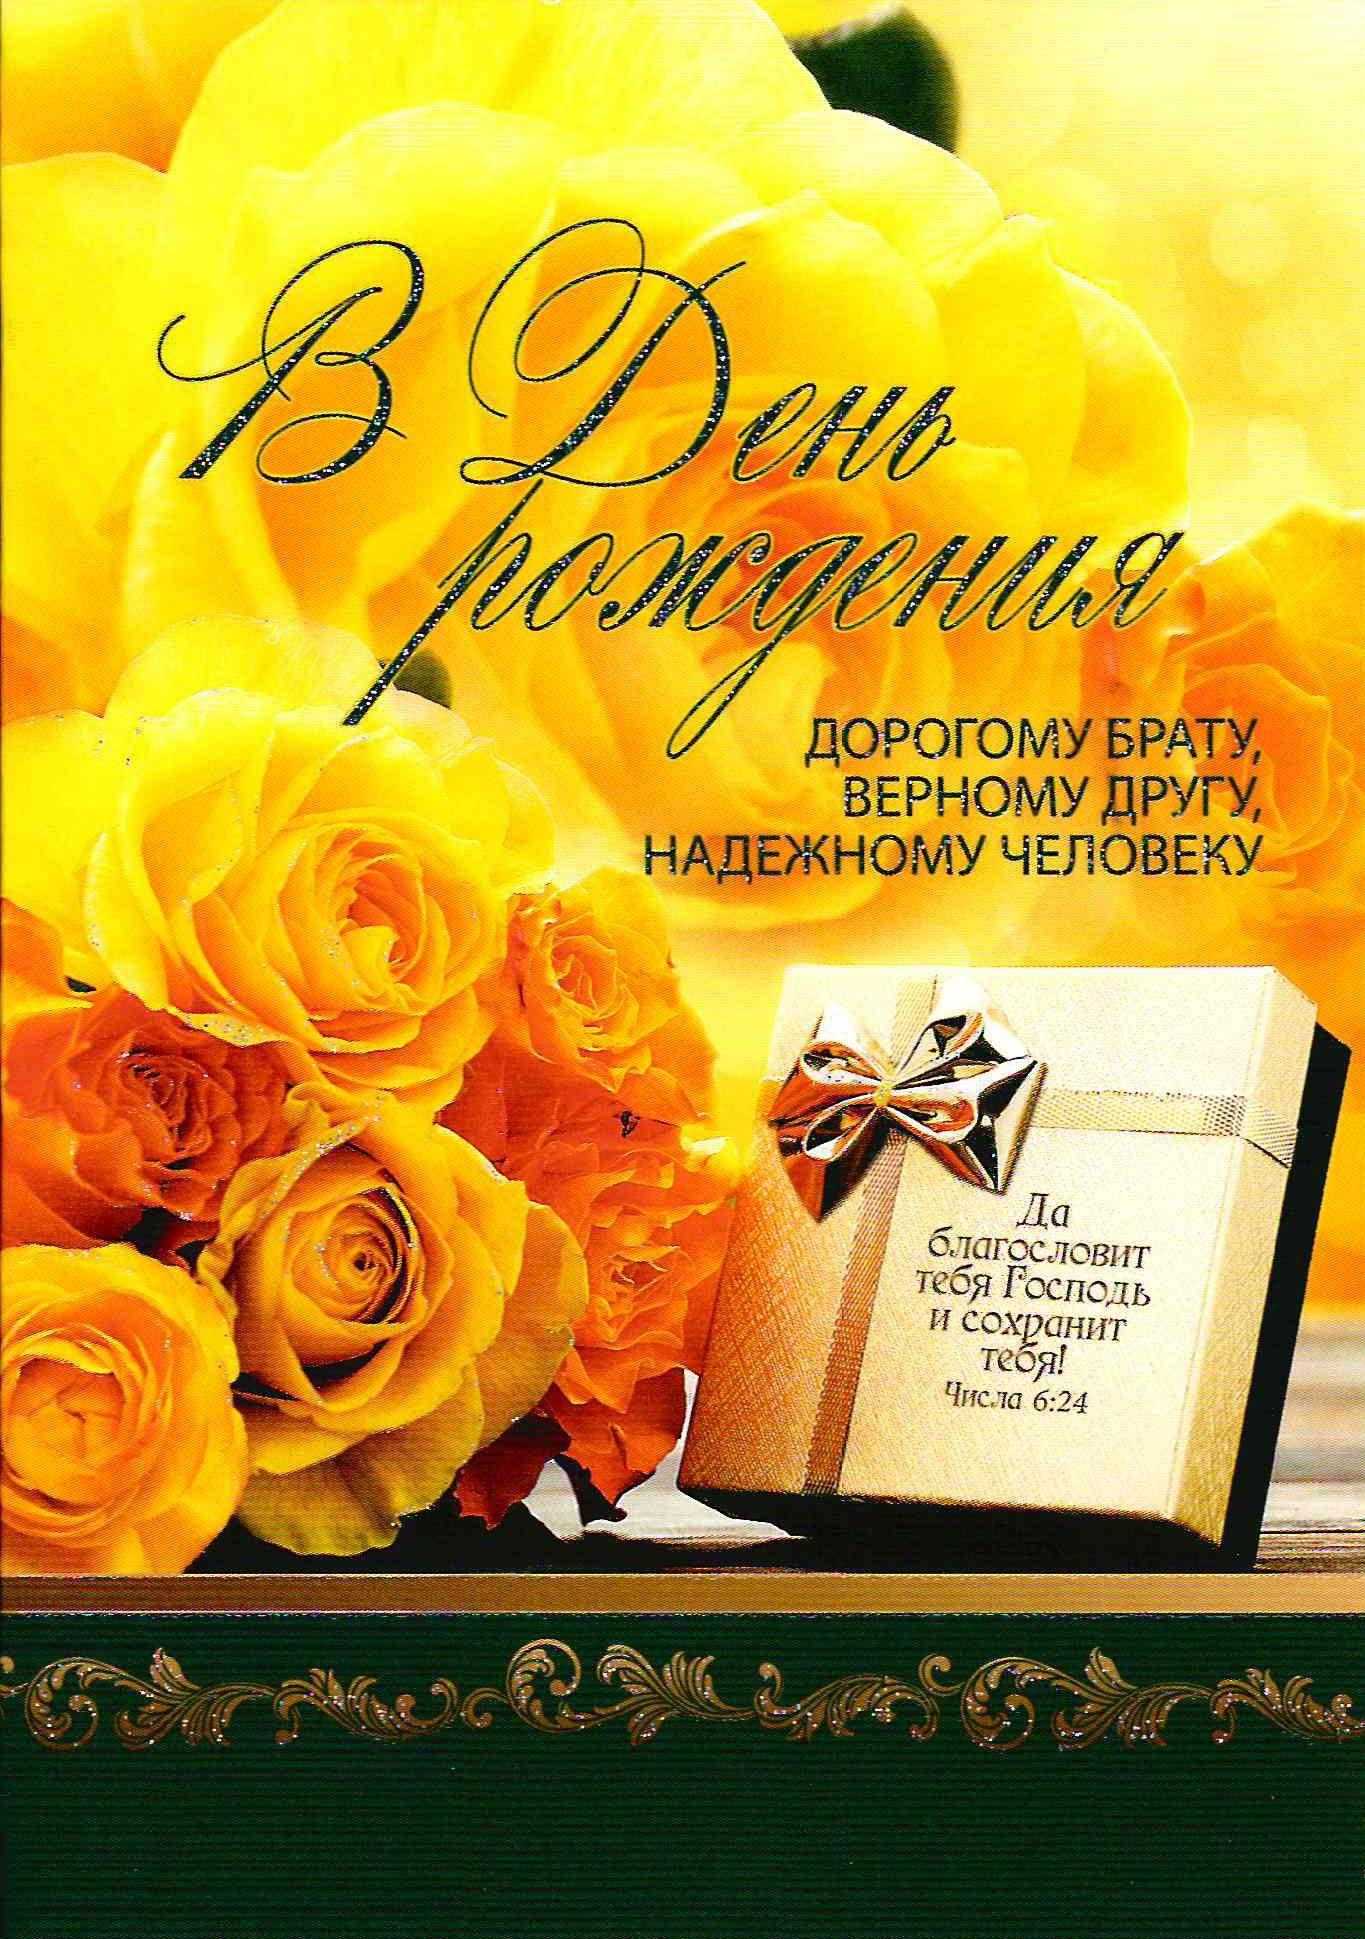 Открытка с желтыми розами (двойная в конверте). «С Днем рождения!»